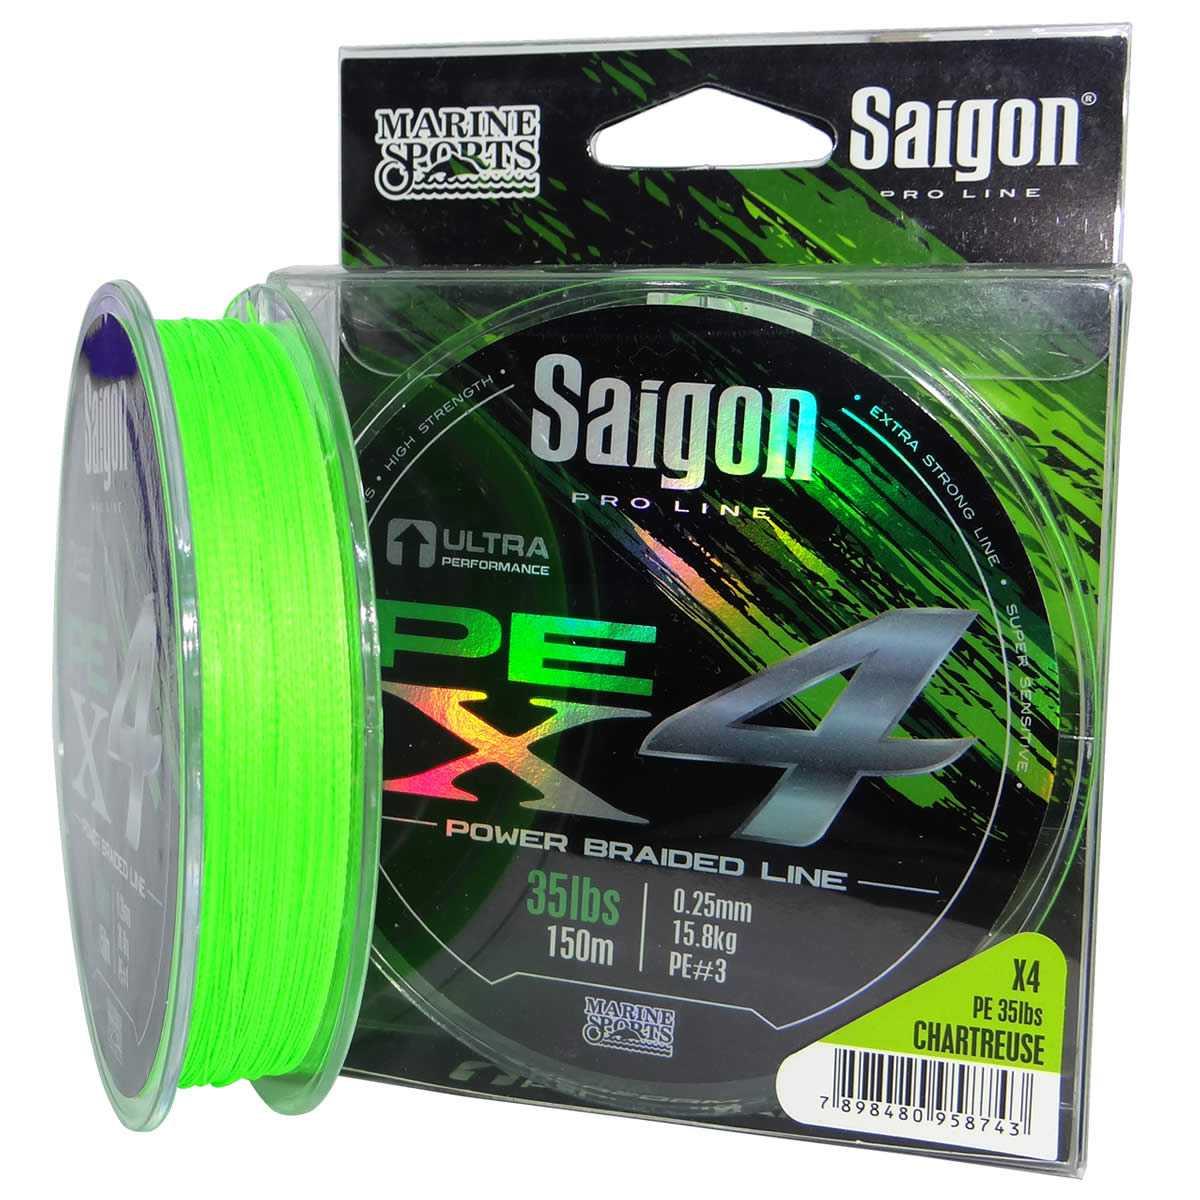 Linha Saigon Pro Line Multifilamento x4 0,29mm 45Lbs/20kg - 150 Metros  - Life Pesca - Sua loja de Pesca, Camping e Lazer